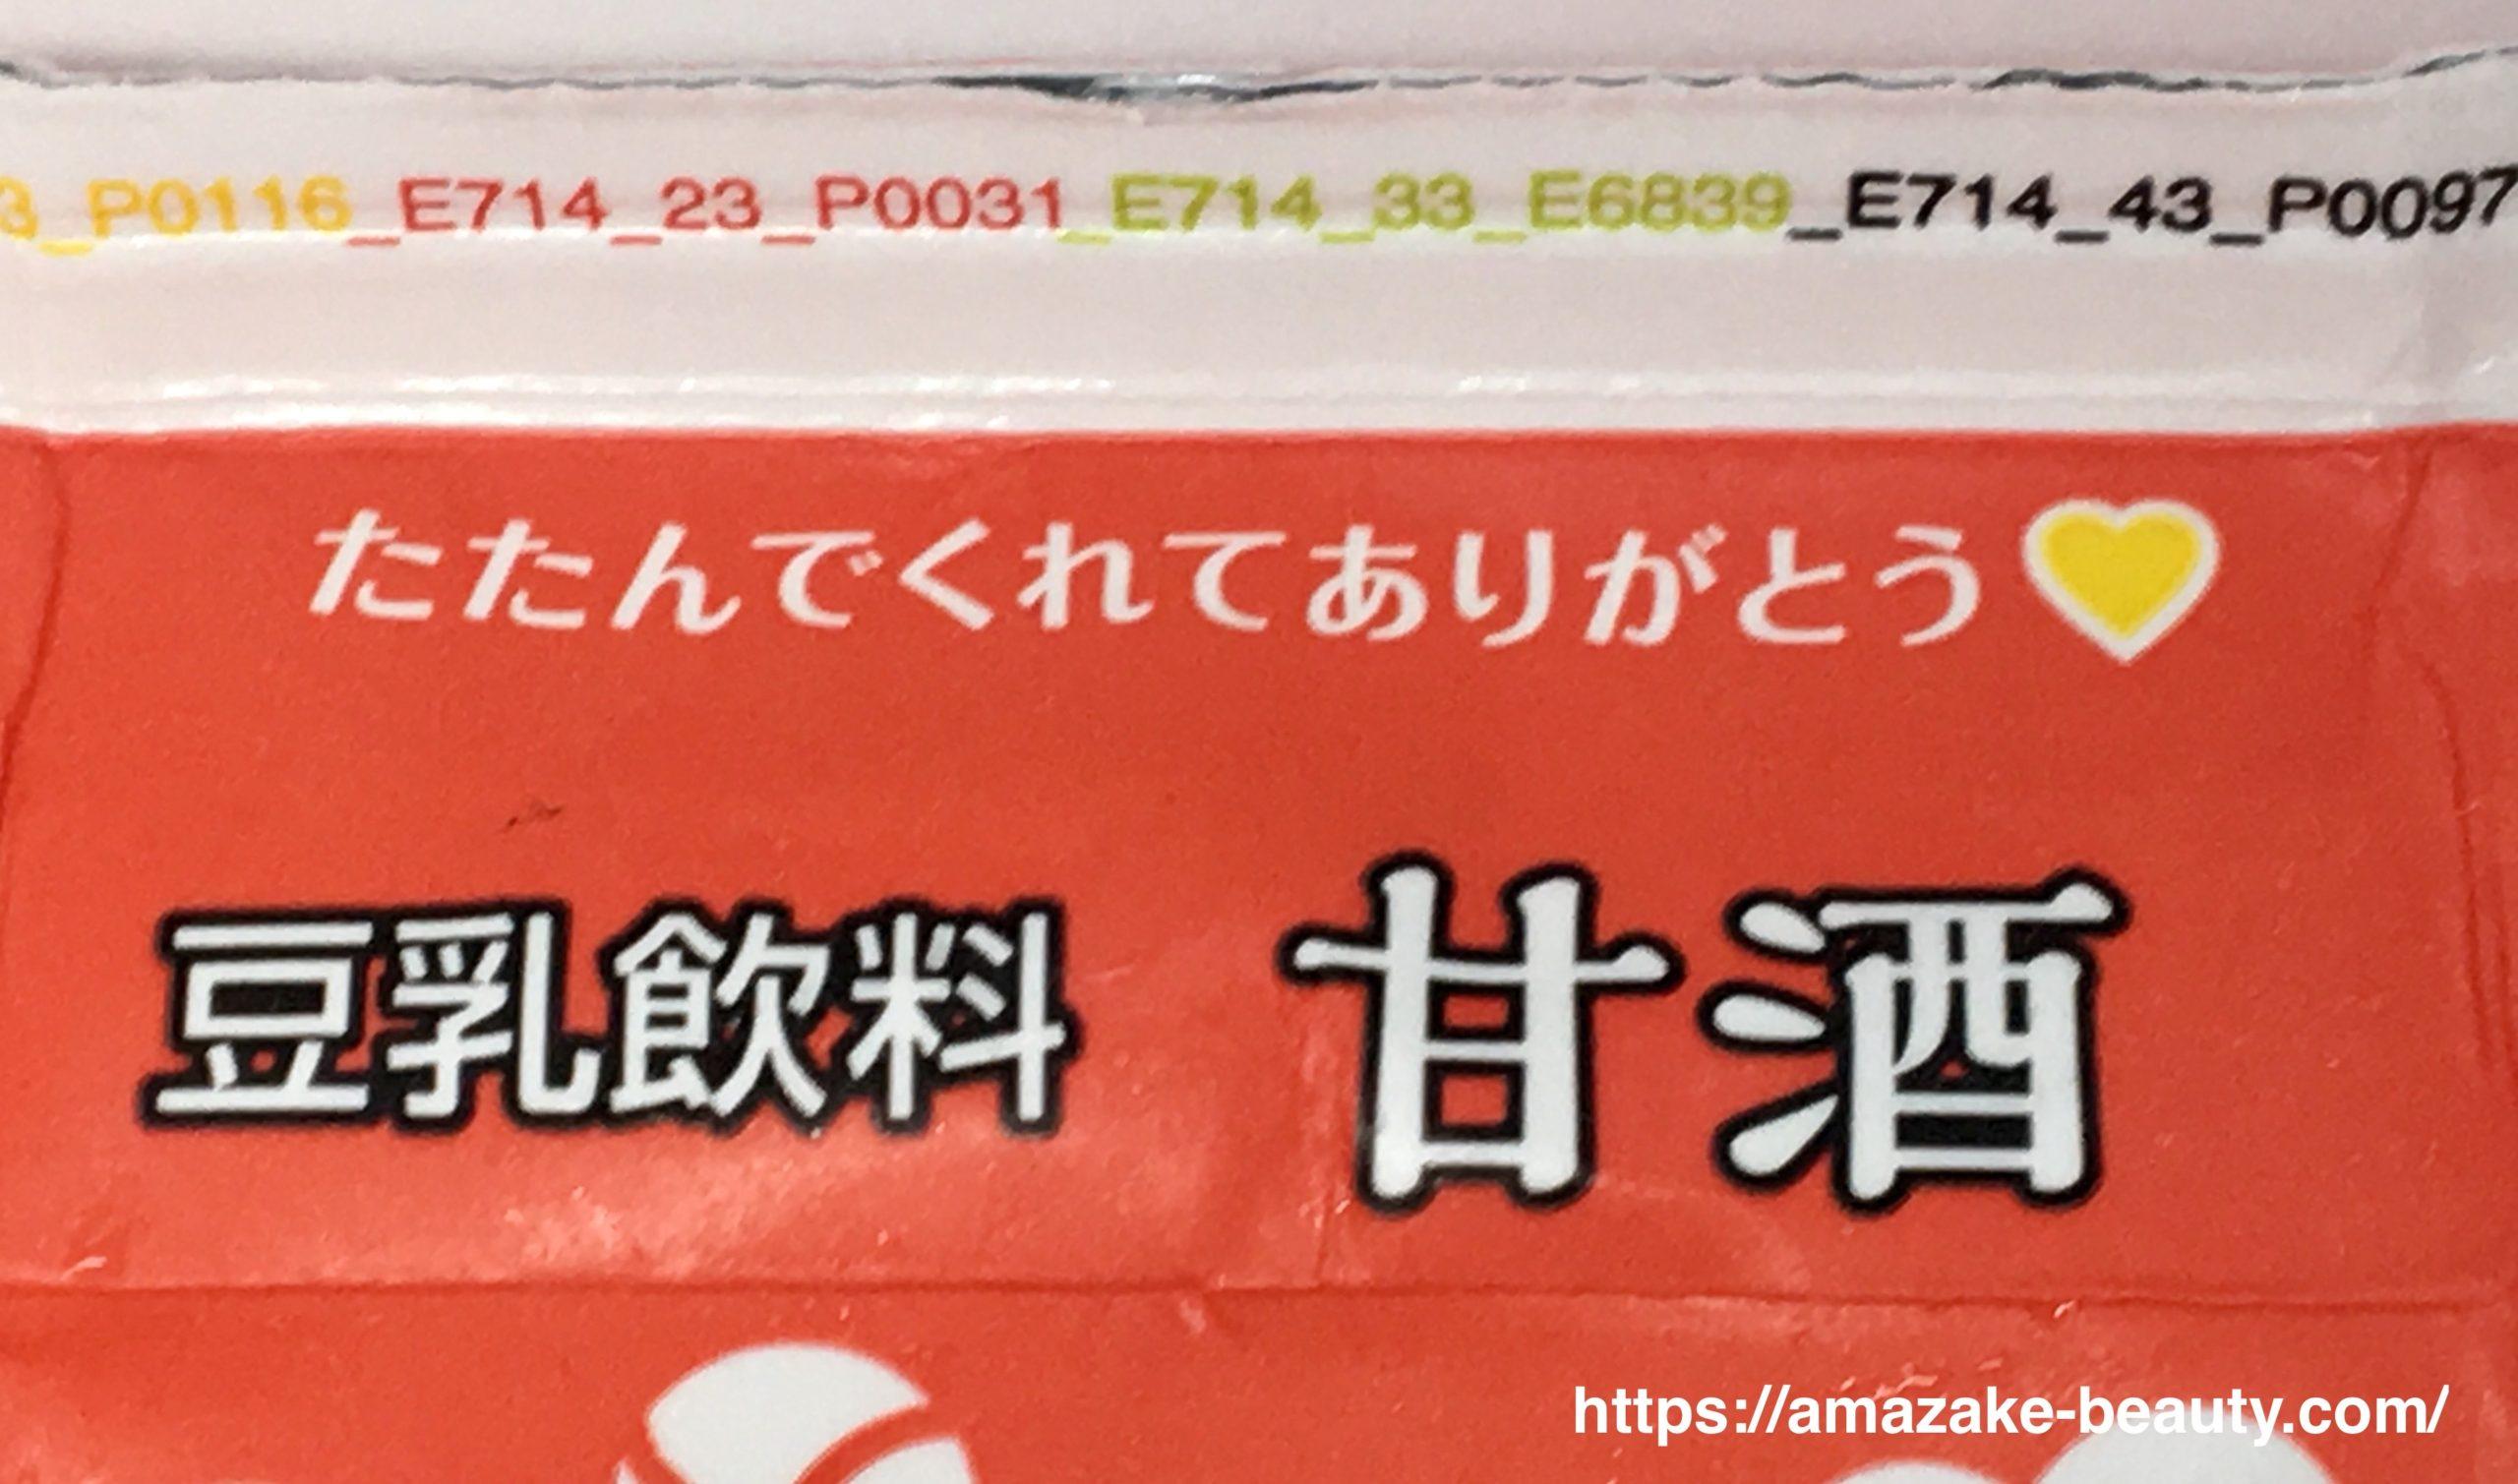 【甘酒】キッコーマン『豆乳飲料 甘酒』(パッケージデザイン)